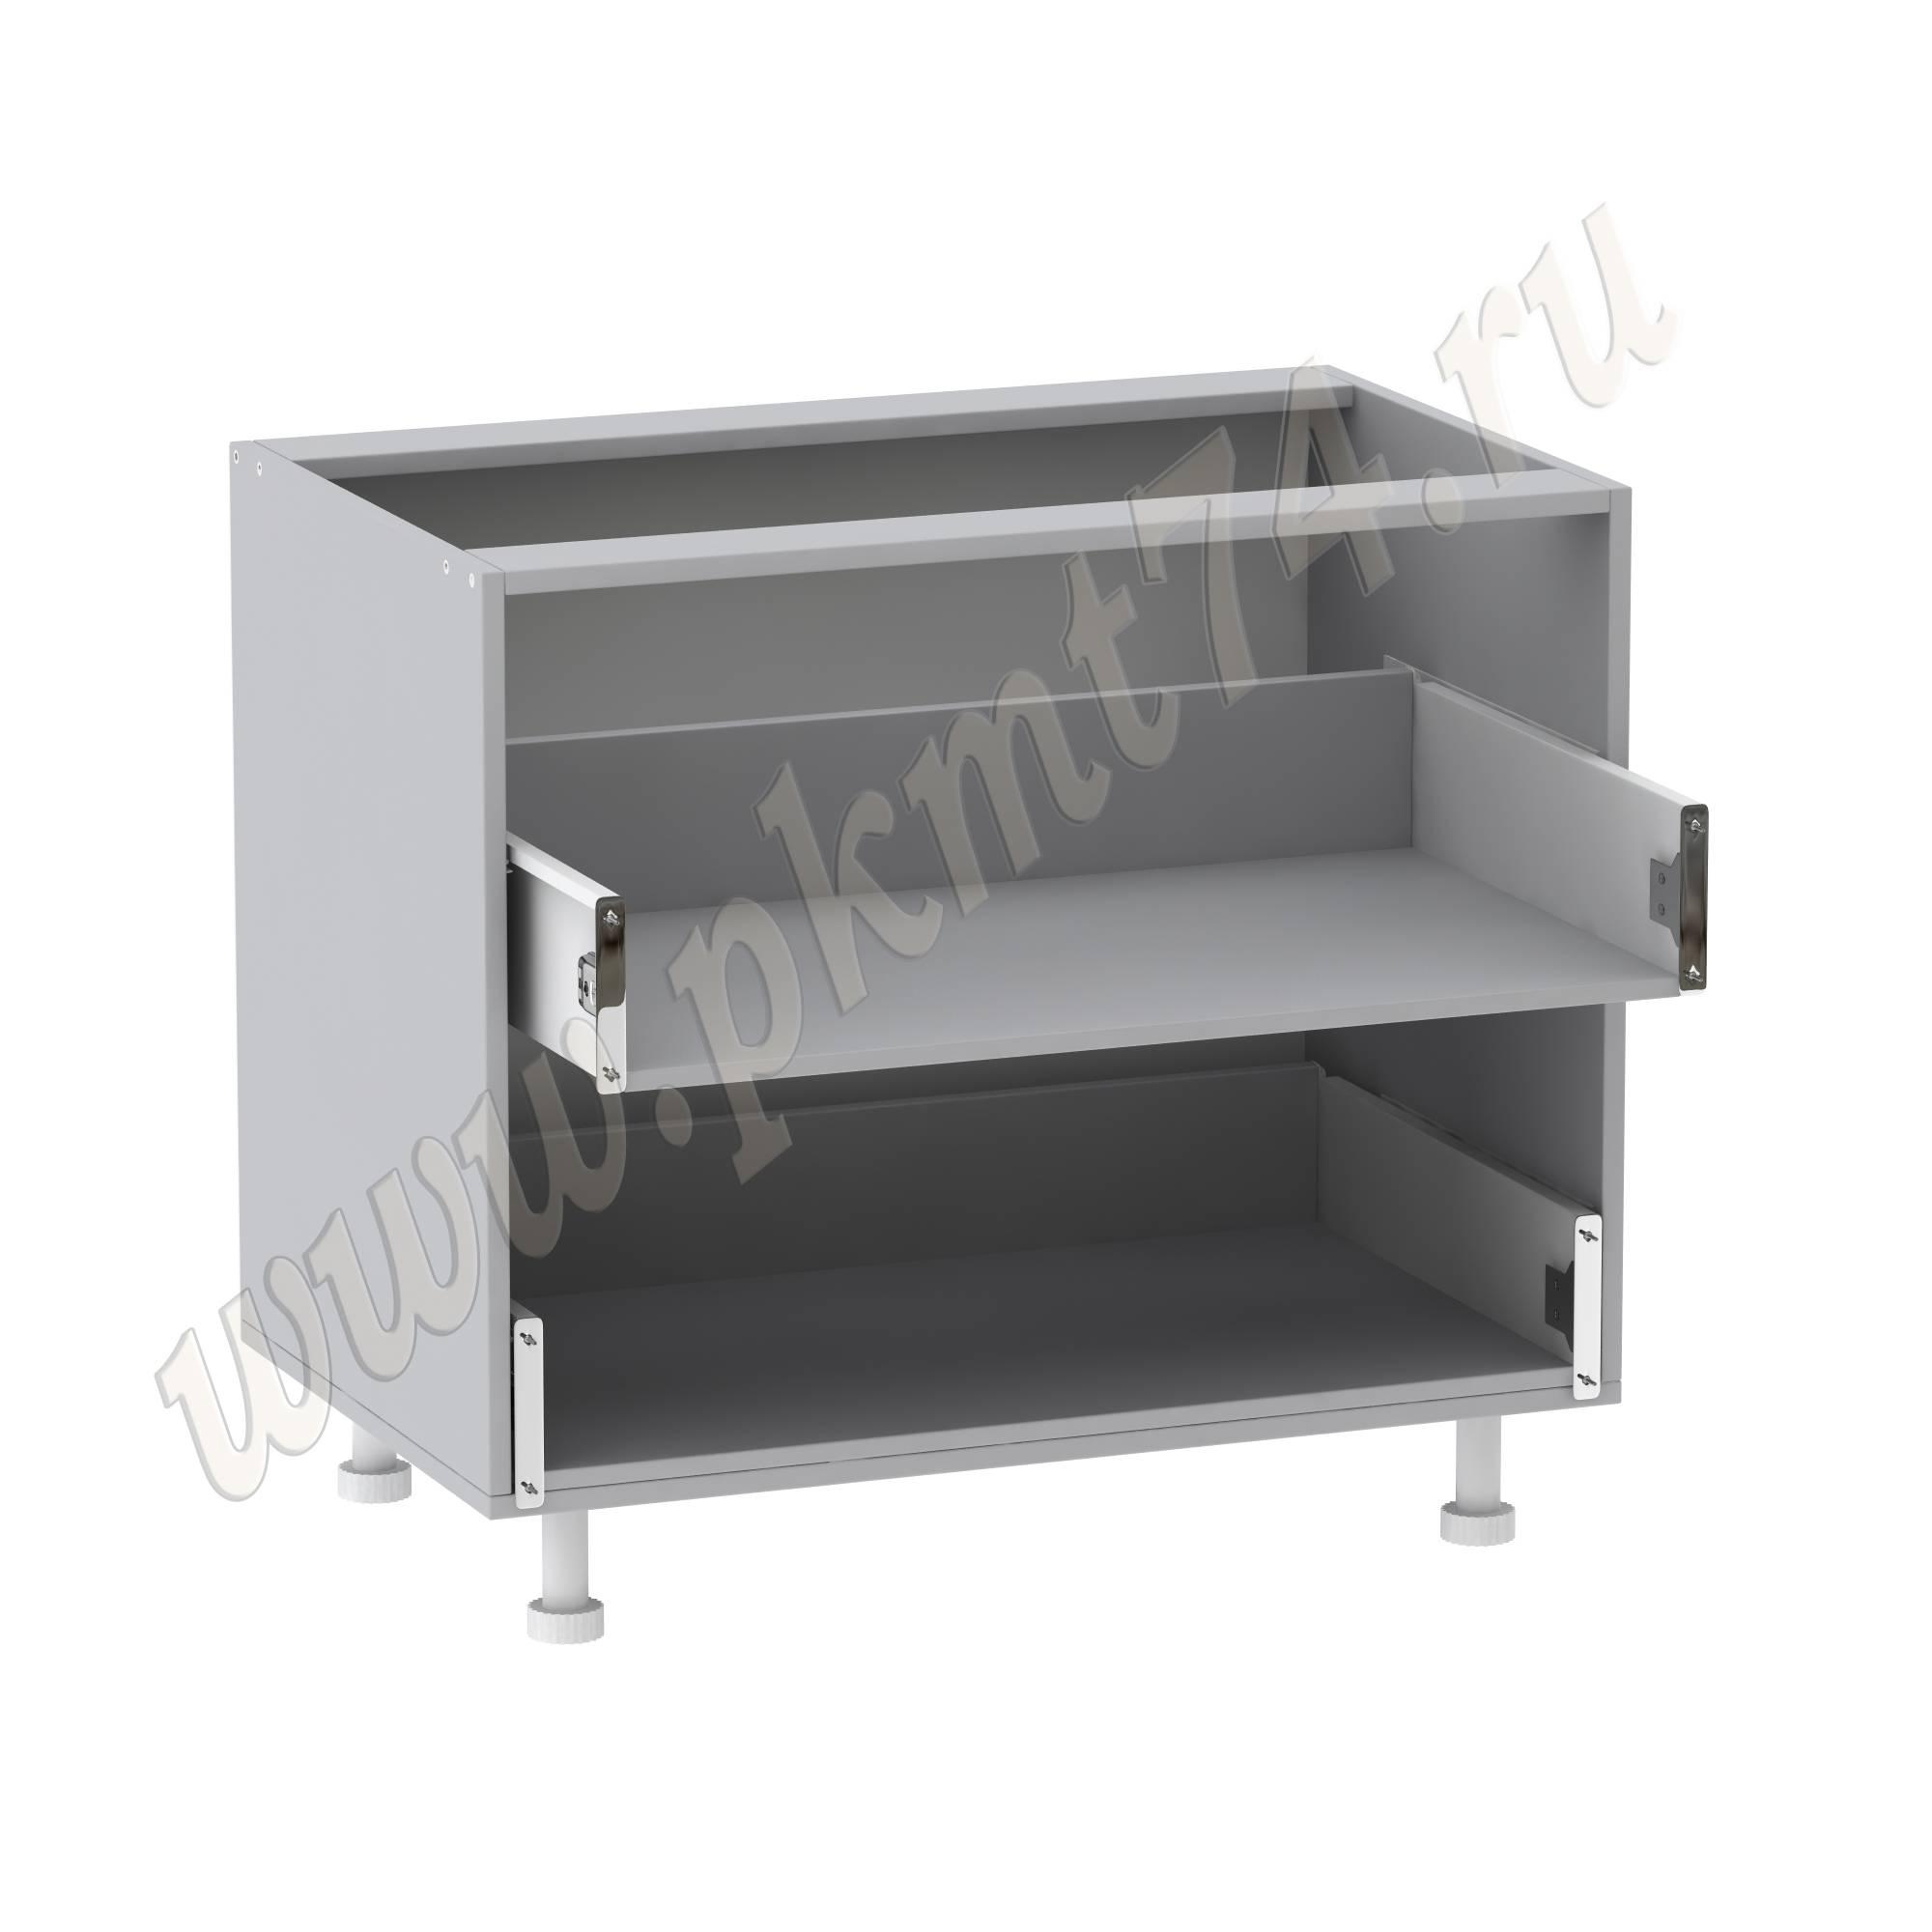 Корпус кухонного шкафа с двумя ящиками МТ 33-10